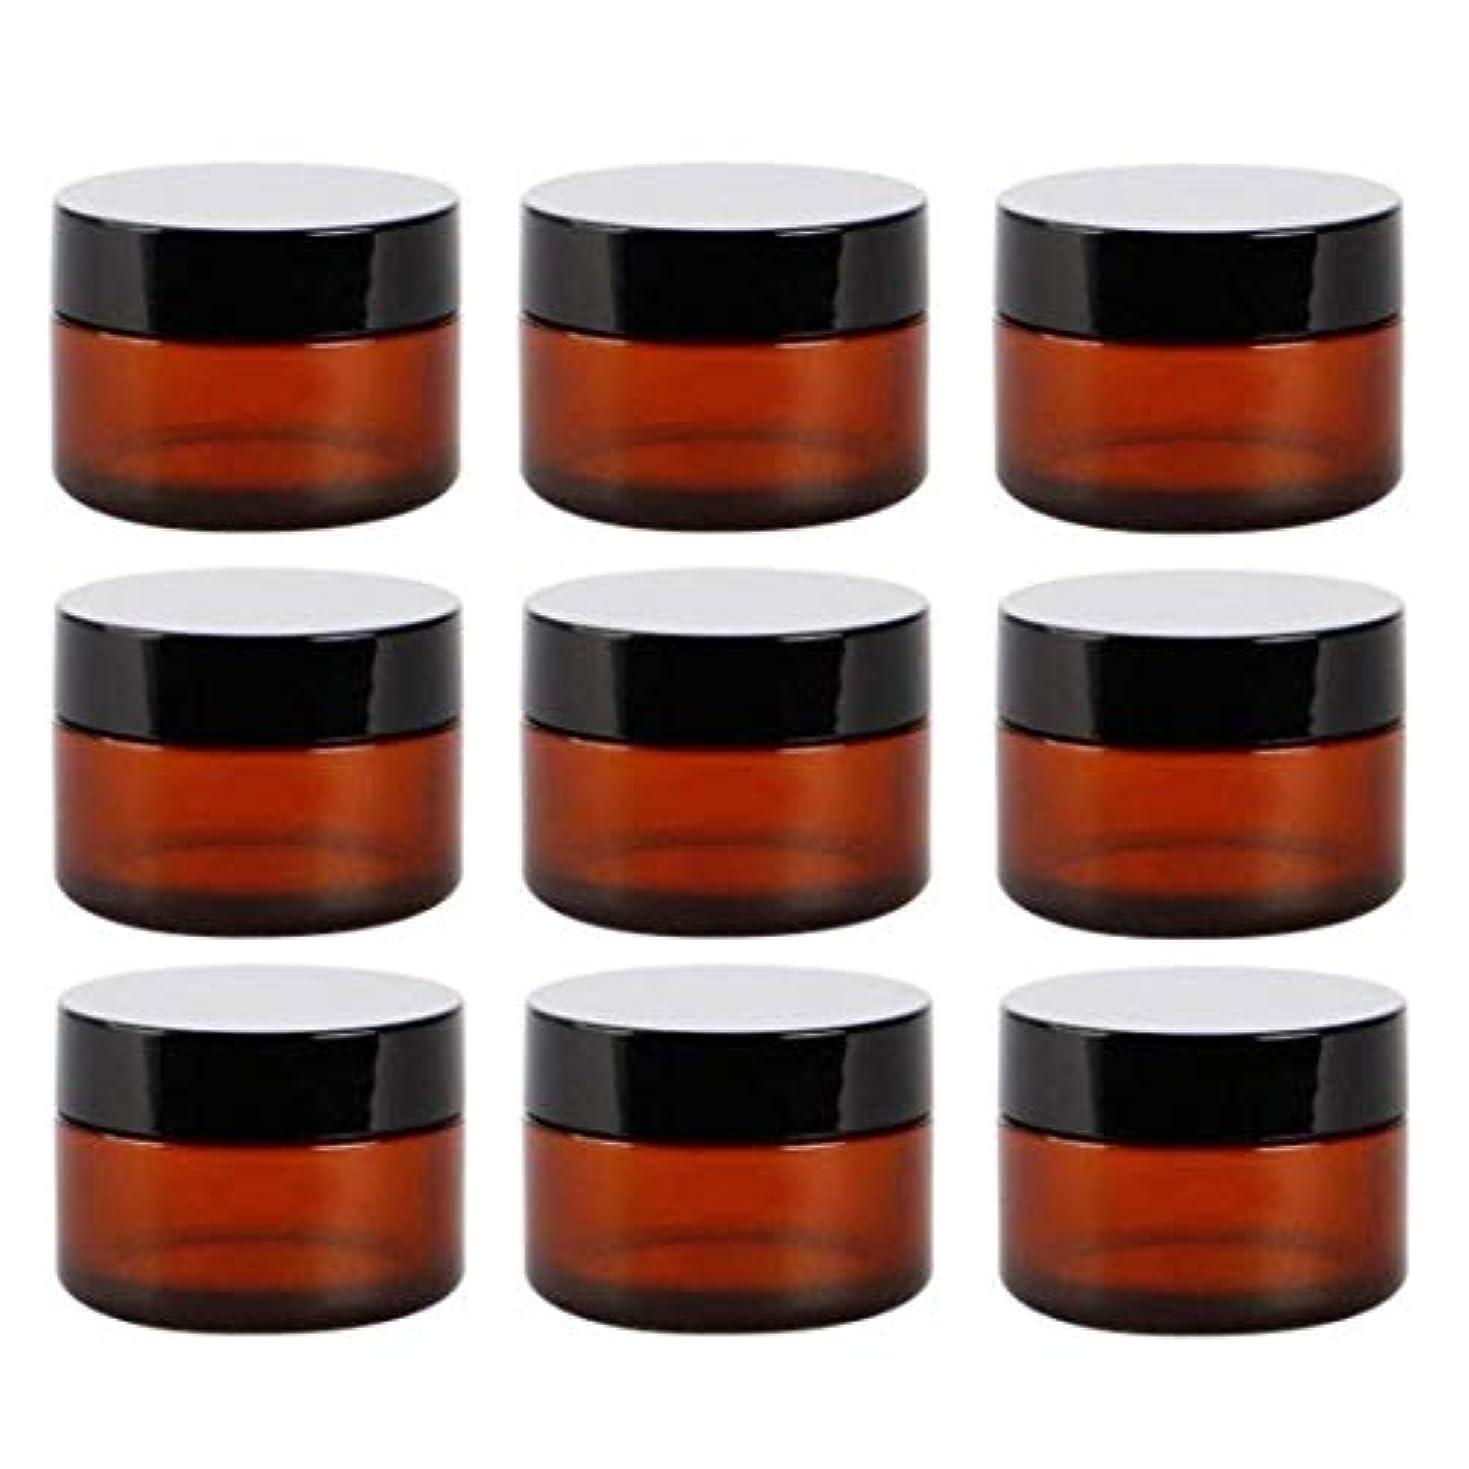 がっかりするメトロポリタン裁定アロマオイル 精油 香水やアロマの保存 小分け用 遮光瓶 詰替え ガラス製 9本セット茶色10g